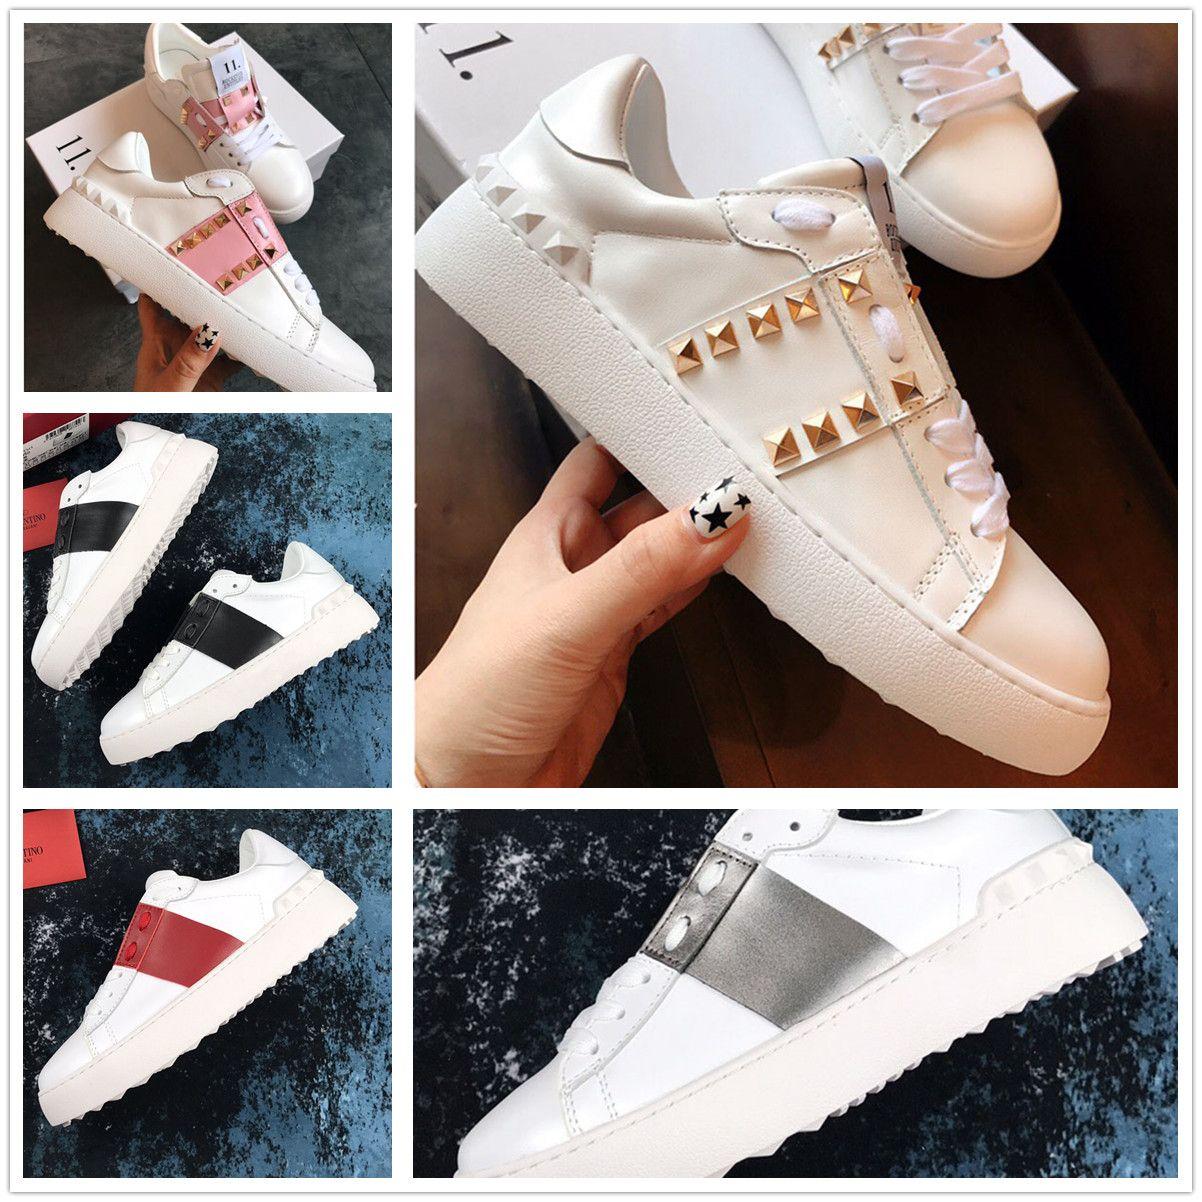 With Box  Avec les hommes Box femmes chaussures de marque de luxe de la mode en cuir blanc ouvert baskets avec bande bleue NY0S0830 BLU G62 Formateurs  Sneakers